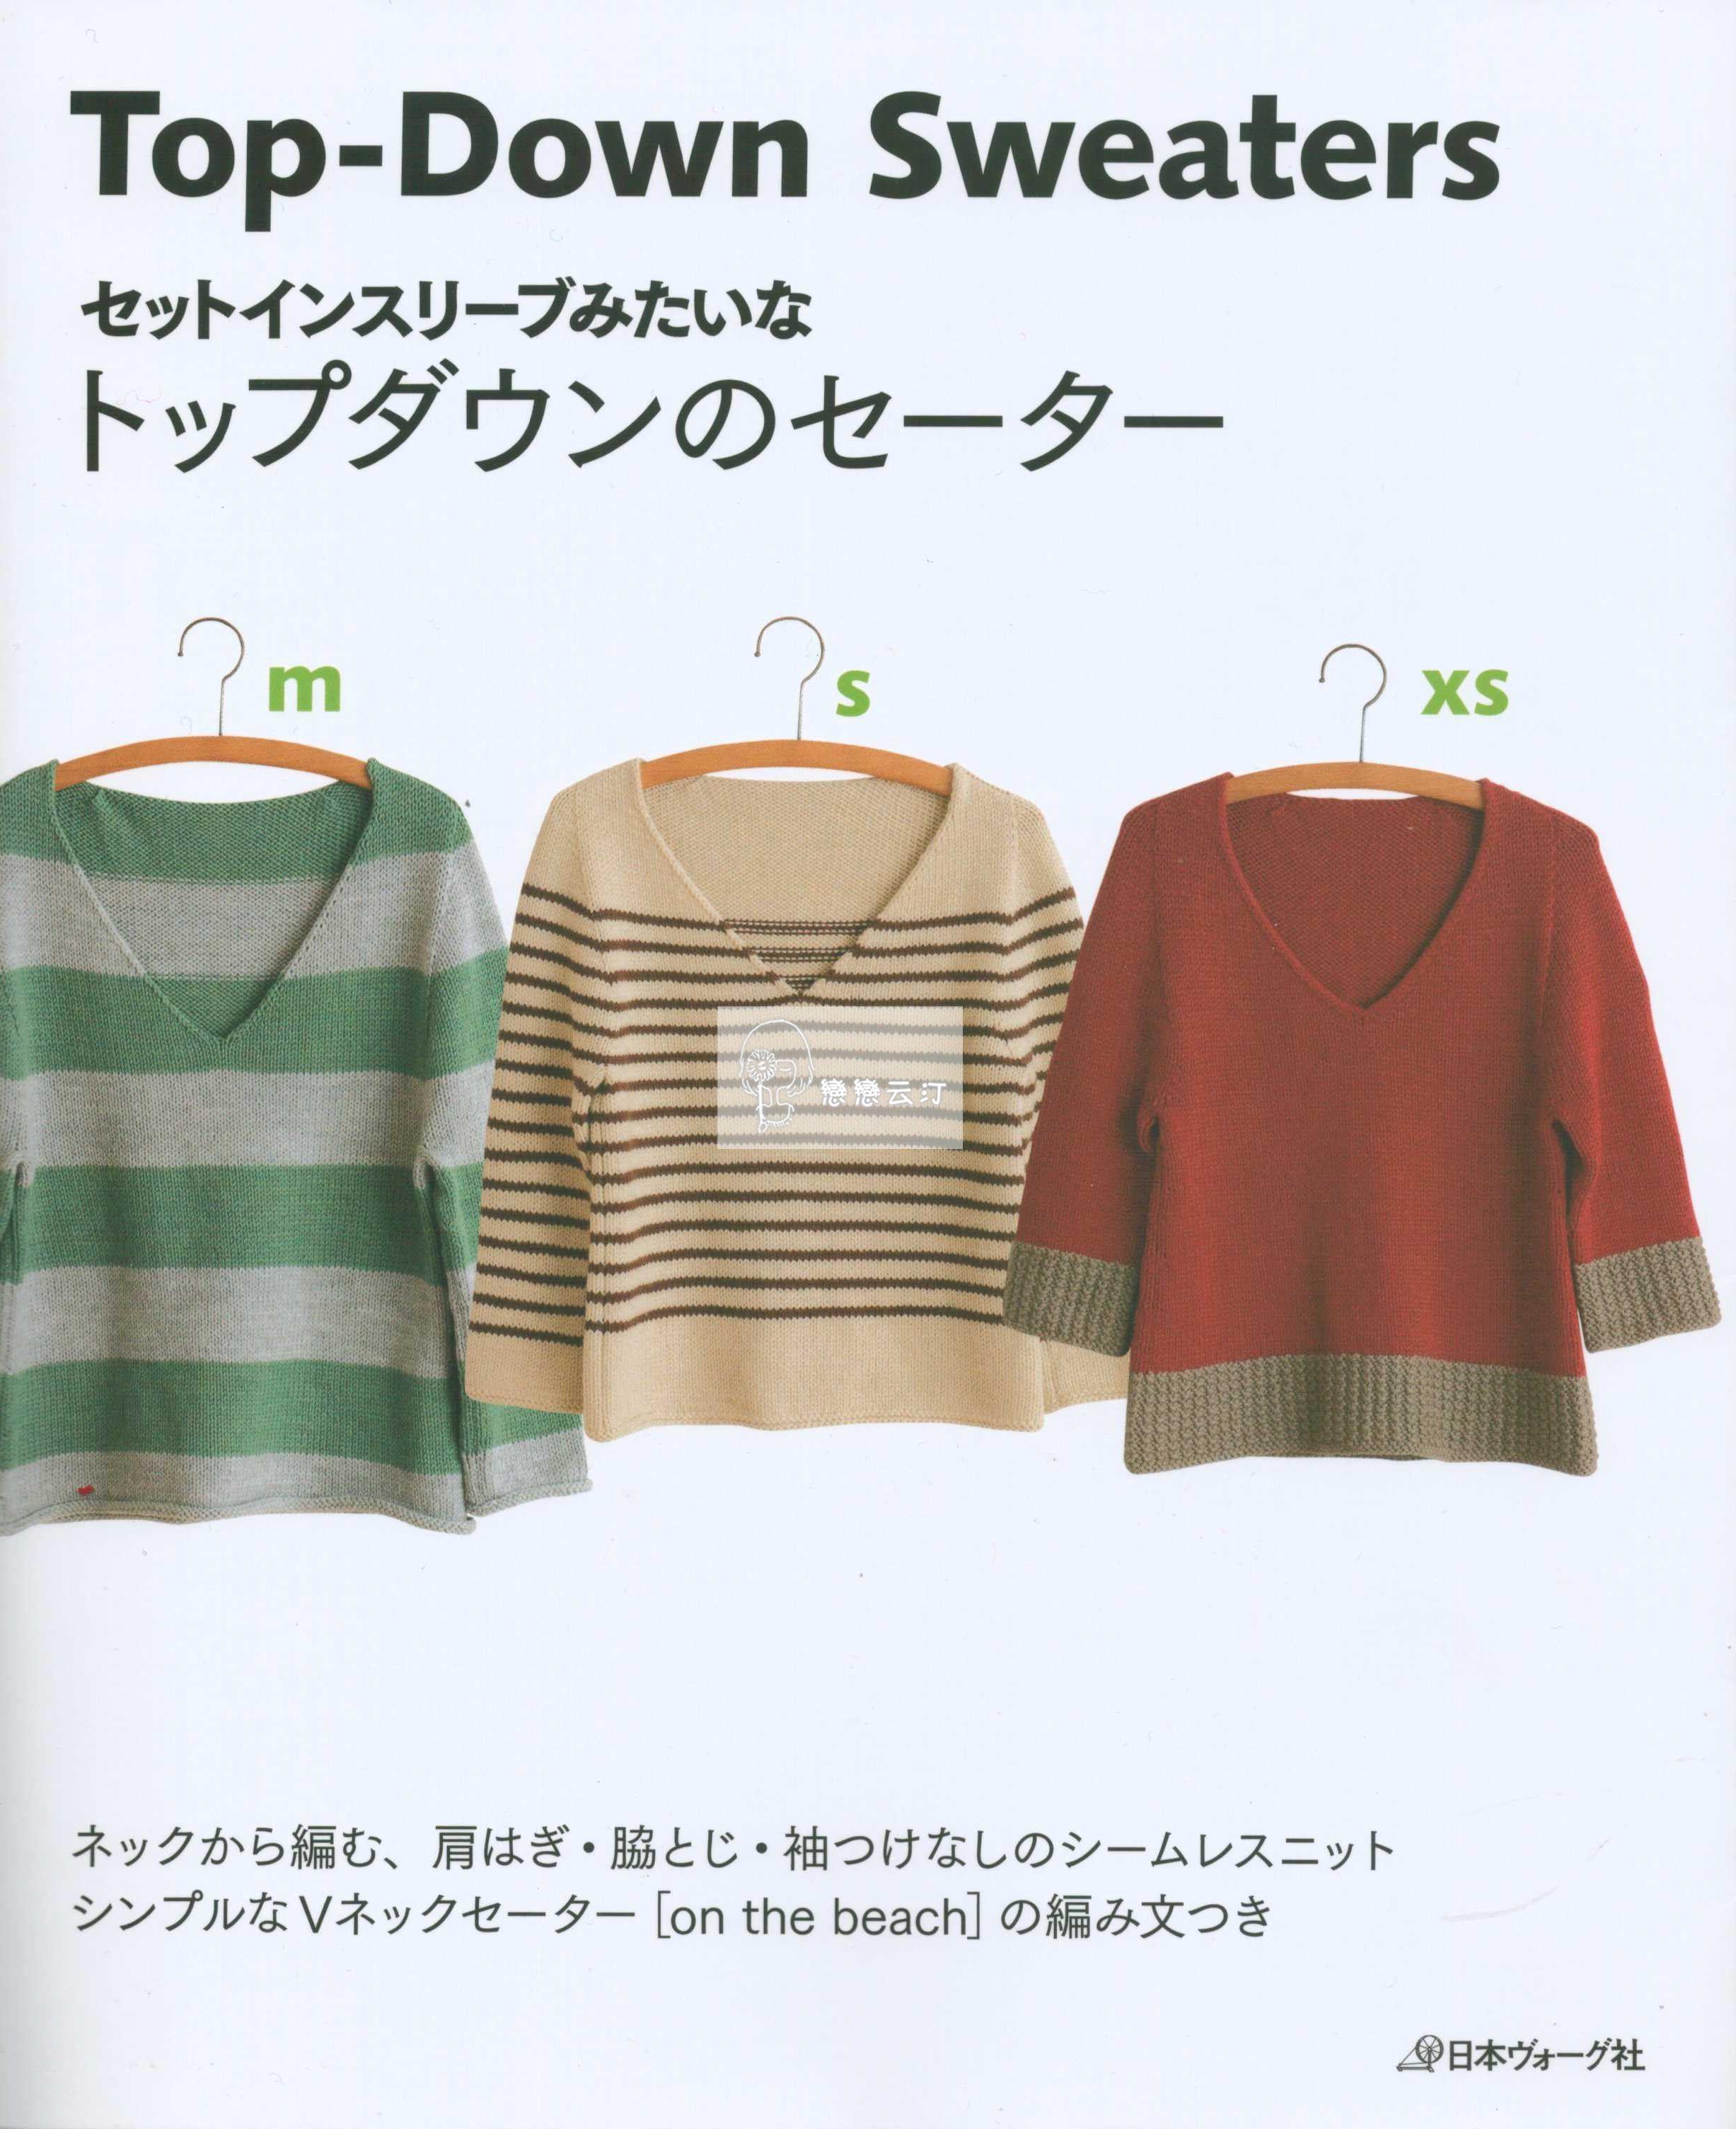 Вязание свитеров сверху